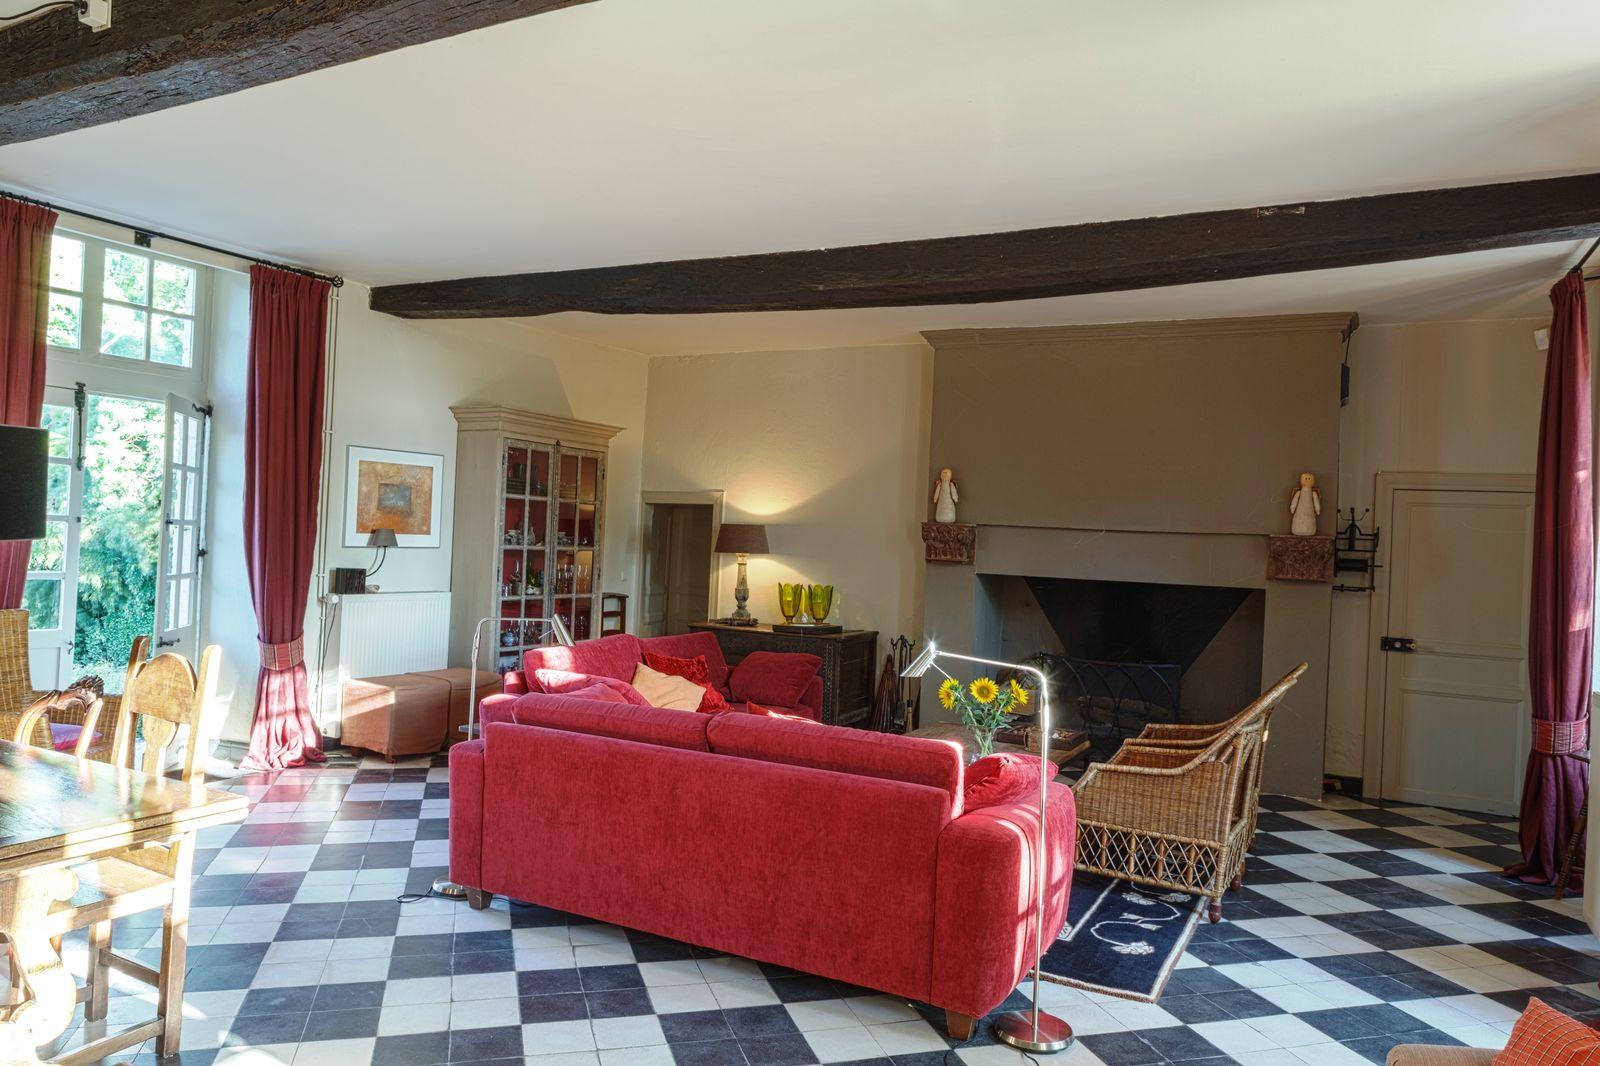 Afbeelding van Maison de Chasse - La Mazilière - luxe vakantiehuis Dordogne, Frankrijk